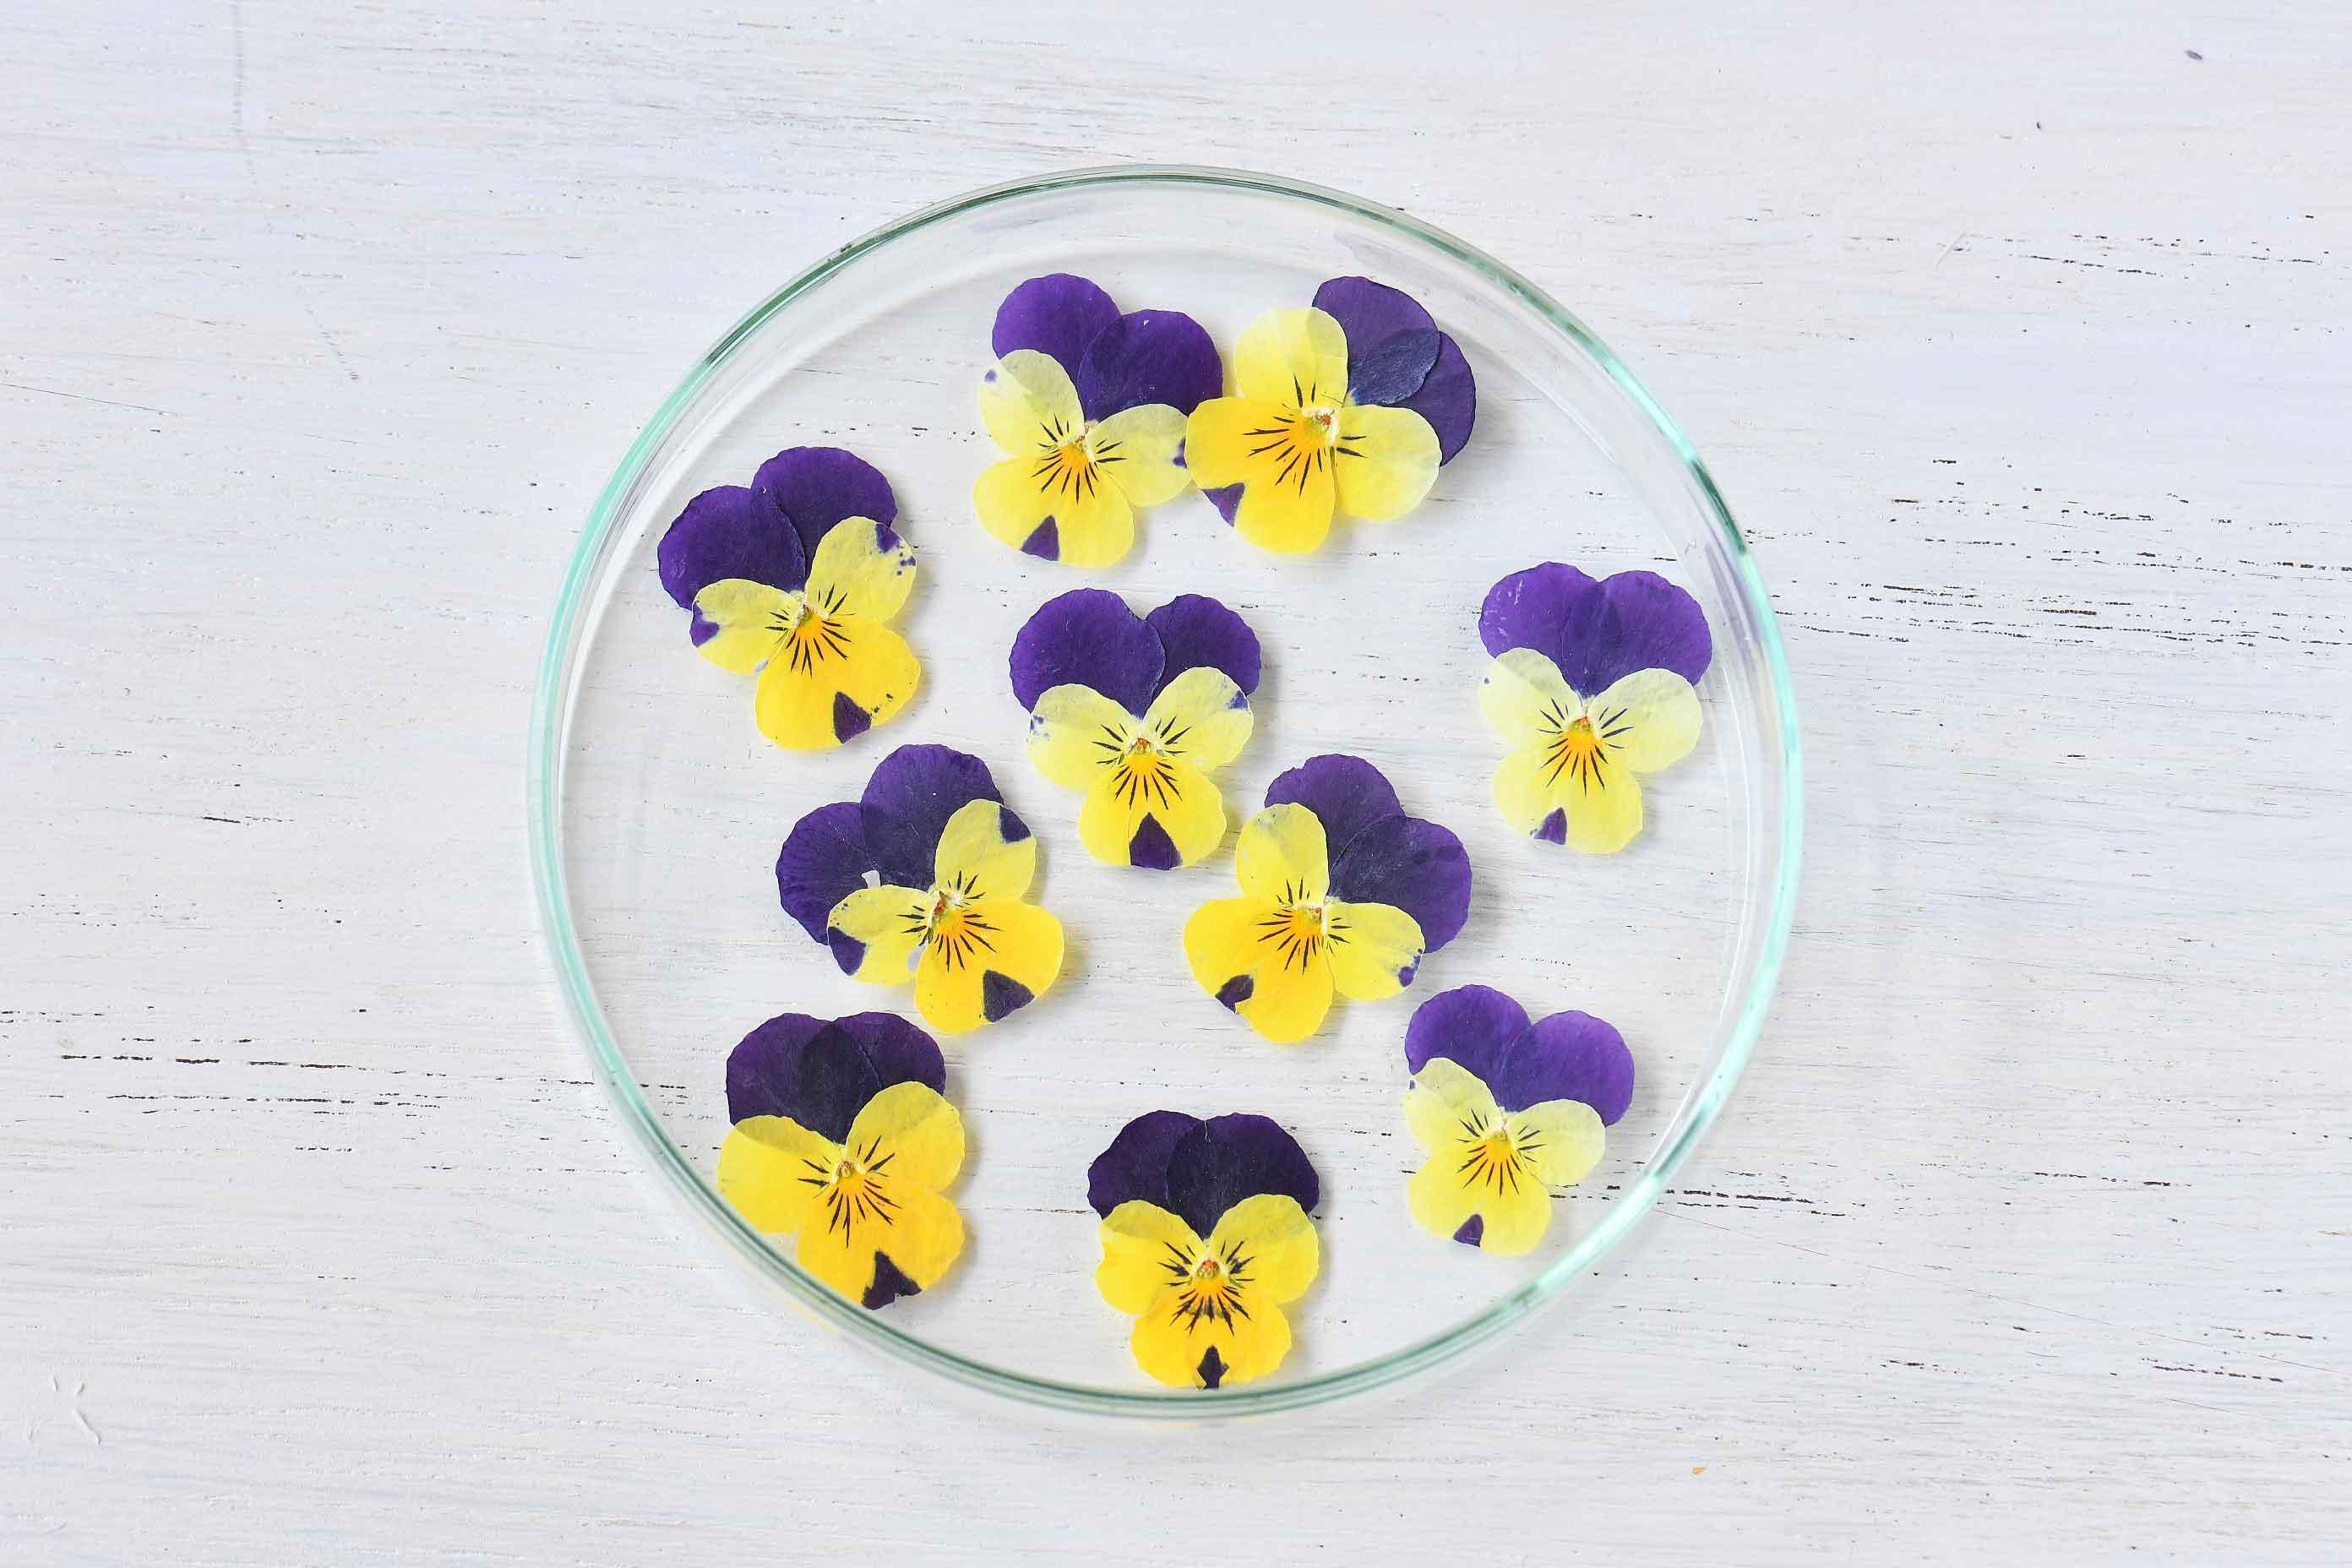 ビオラ黄紫10枚